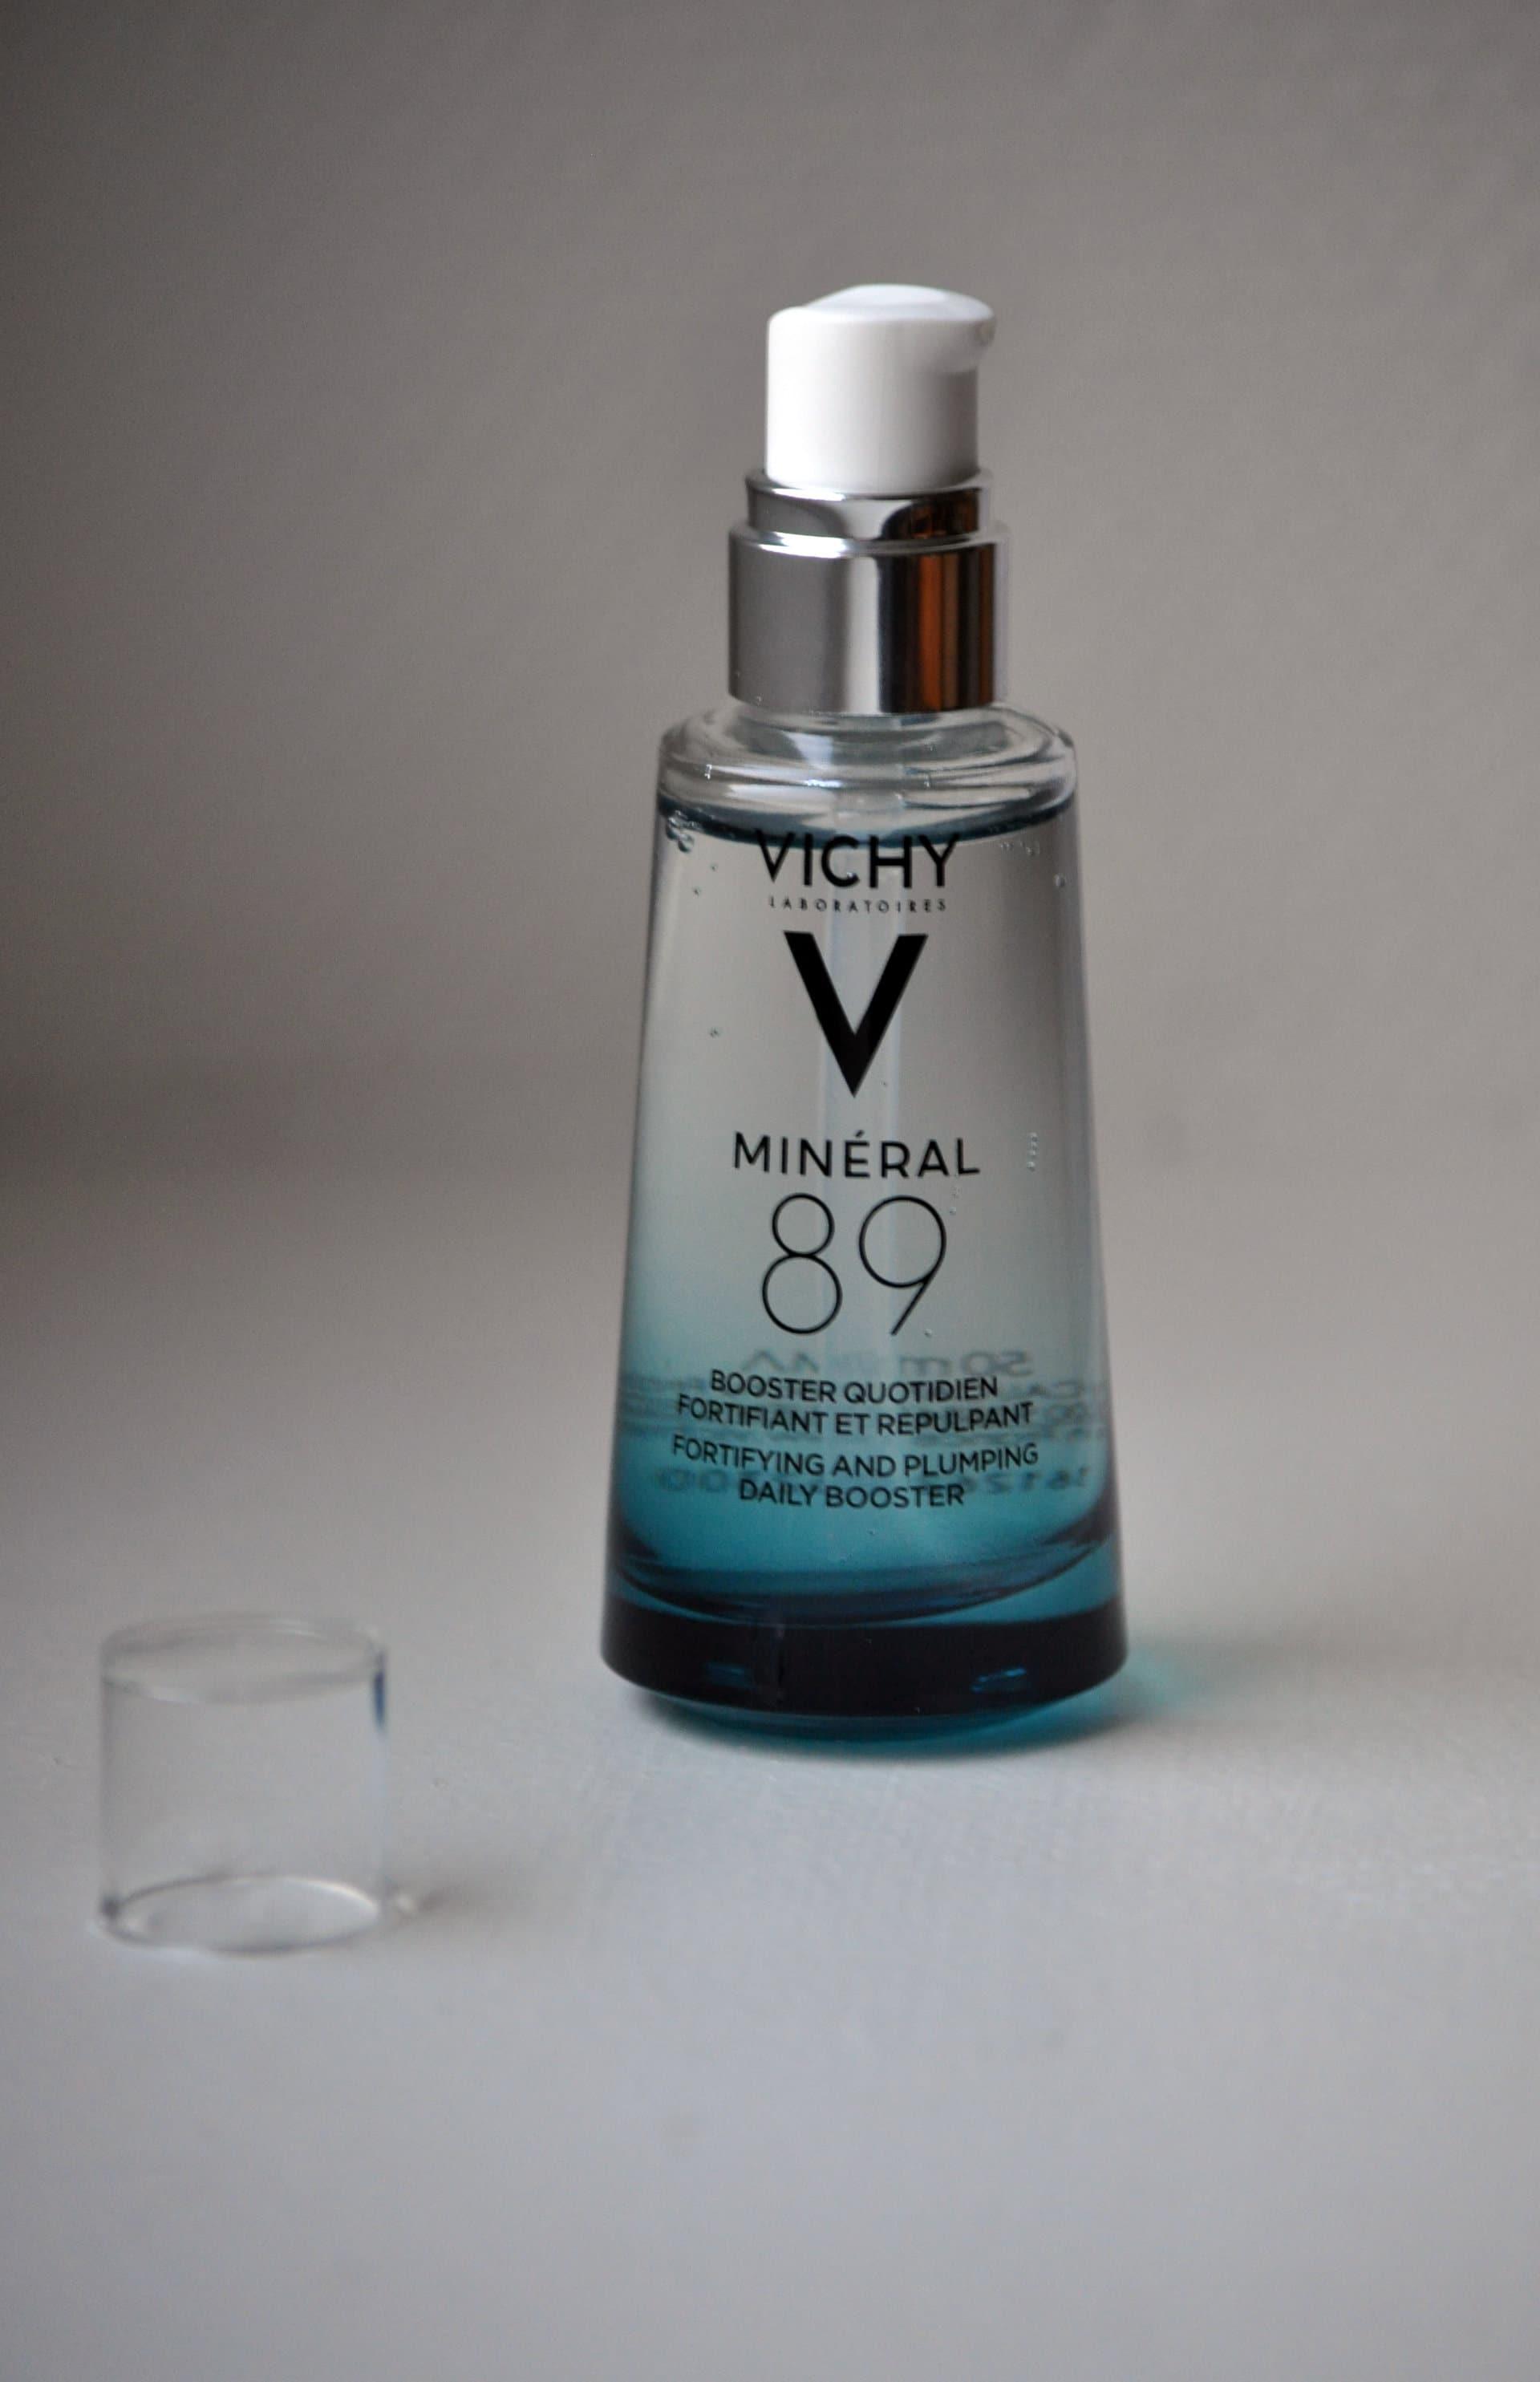 Mineral 89 - Avis et test - Vichy- Mon peau de crème